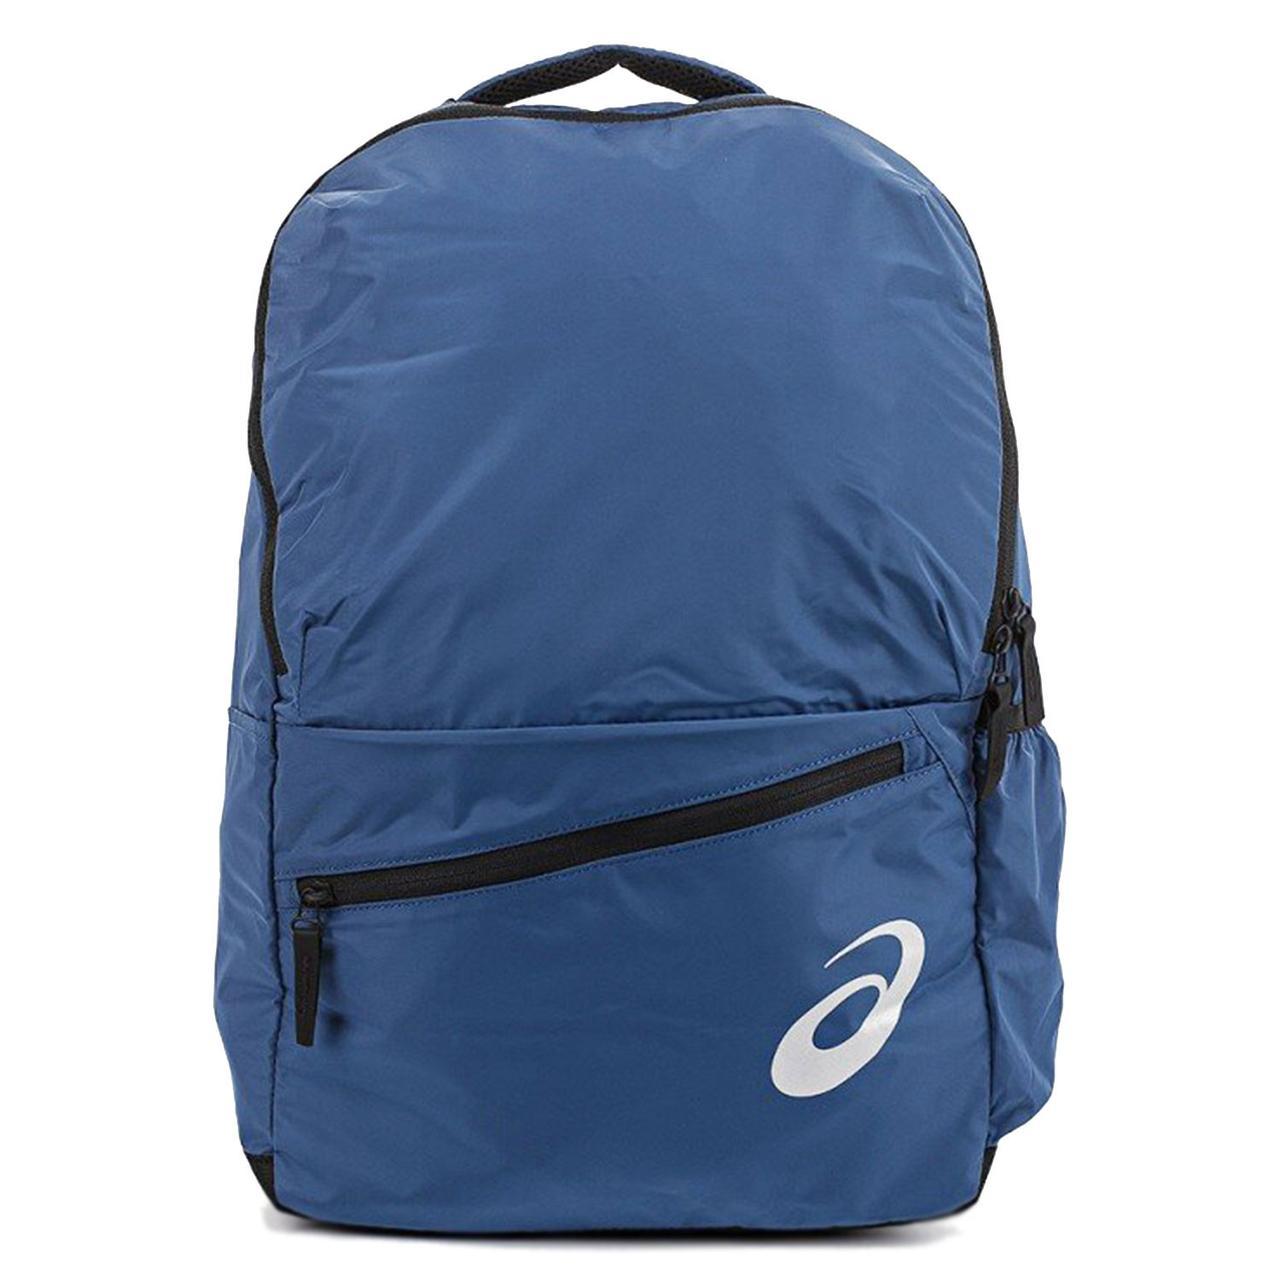 Рюкзак Asics Everyday Backpack 3033A408-400 Синий